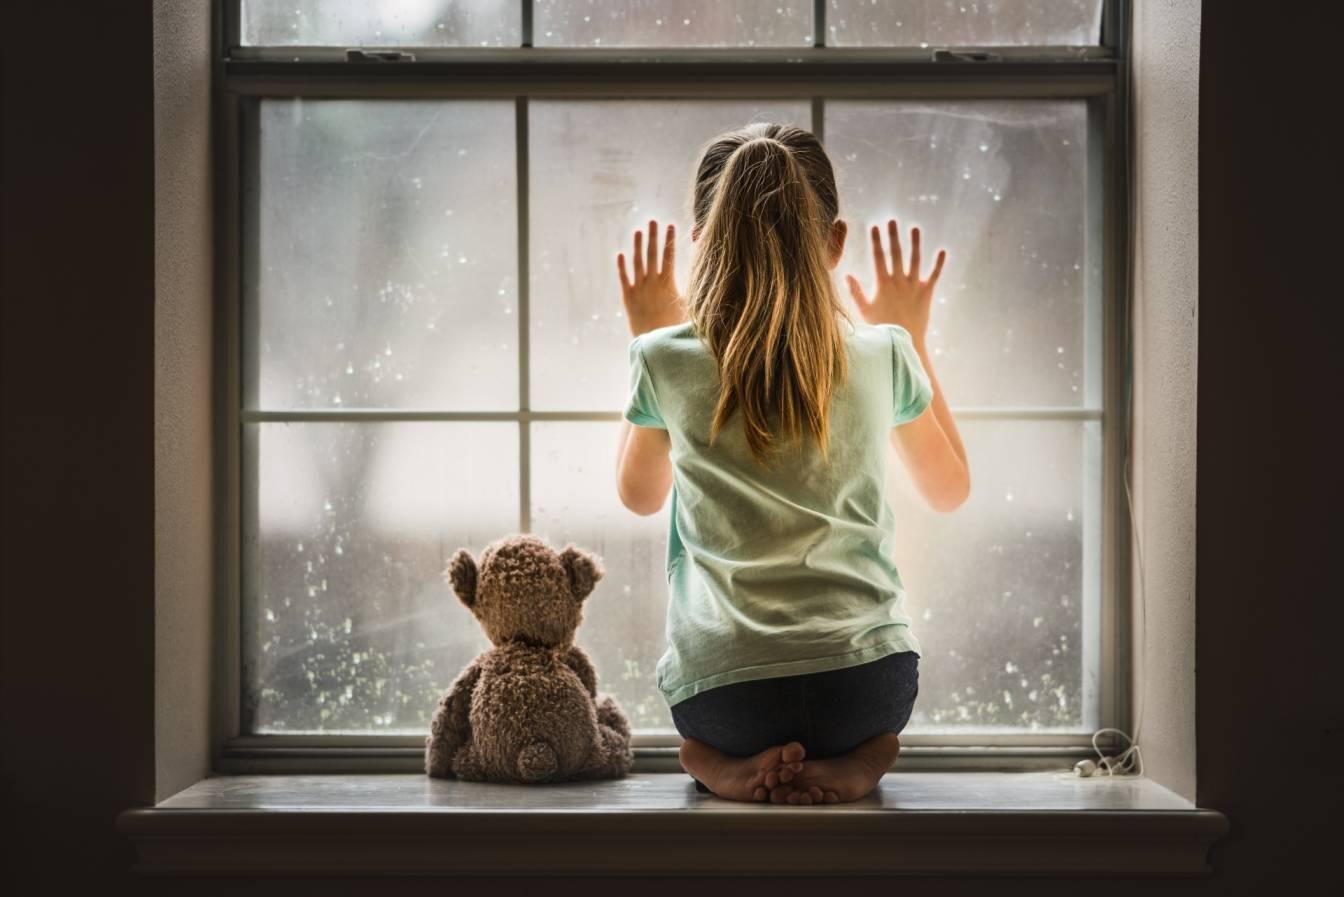 Dzieci w depresji, z myślami samobójczymi wołają o pomoc. Mała dziewczynka i pluszowy miś wyglądają przez okno.